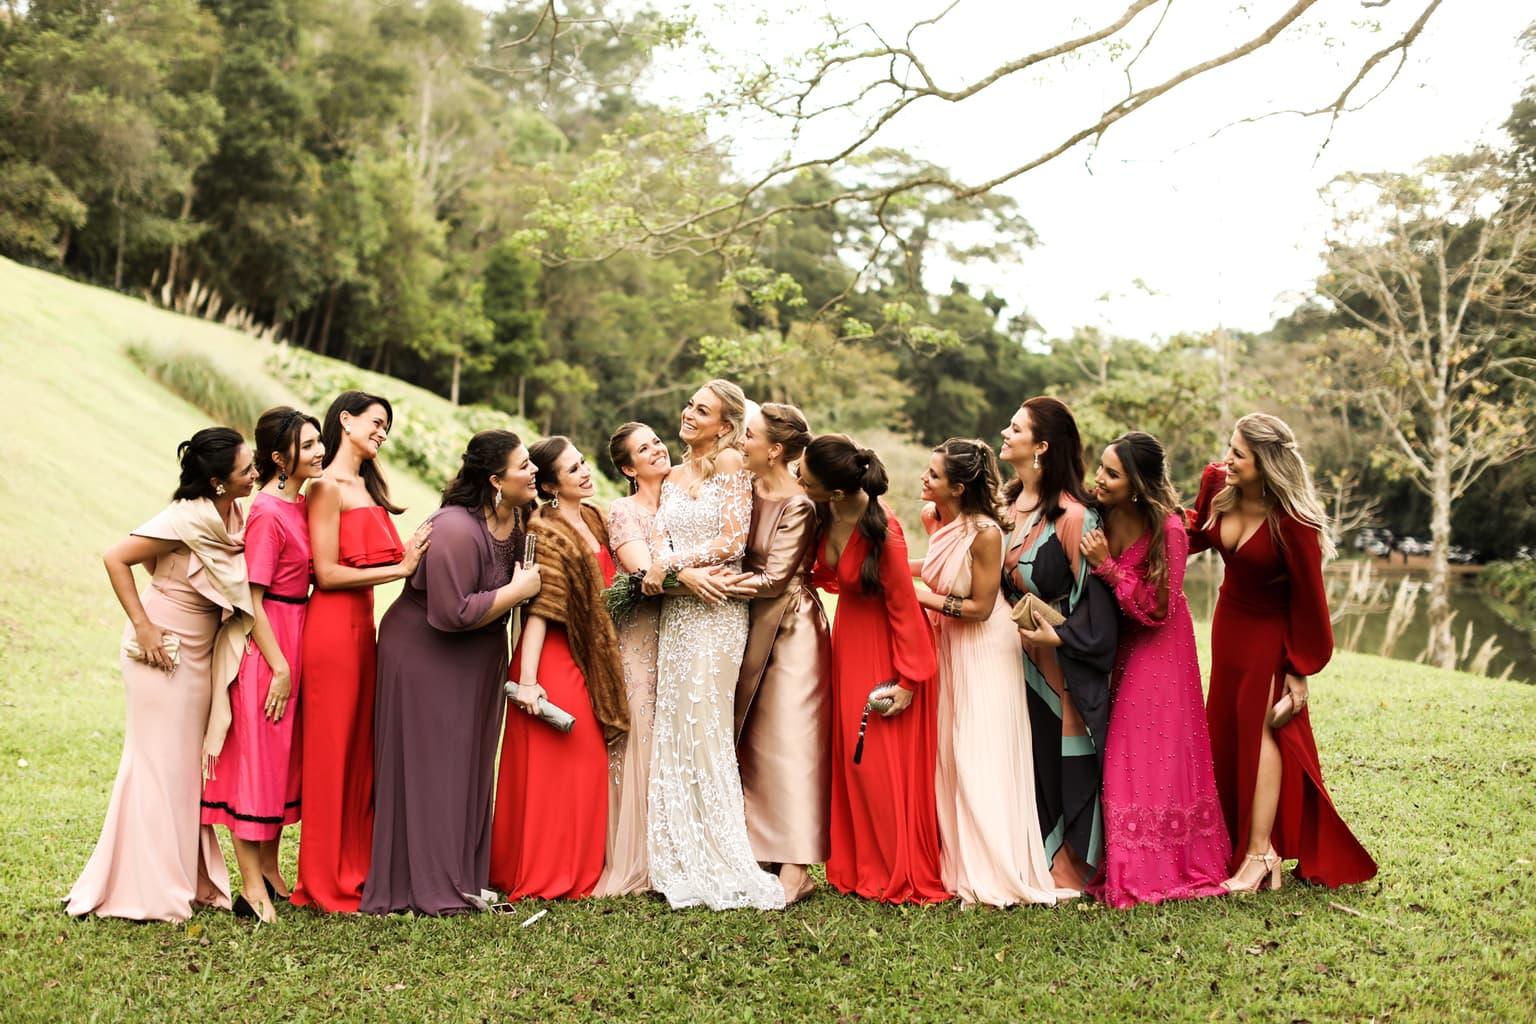 casamento-Pilar-e-Erick-Fotografia-Ana-Junqueira-casamento-no-campo-RJ-4